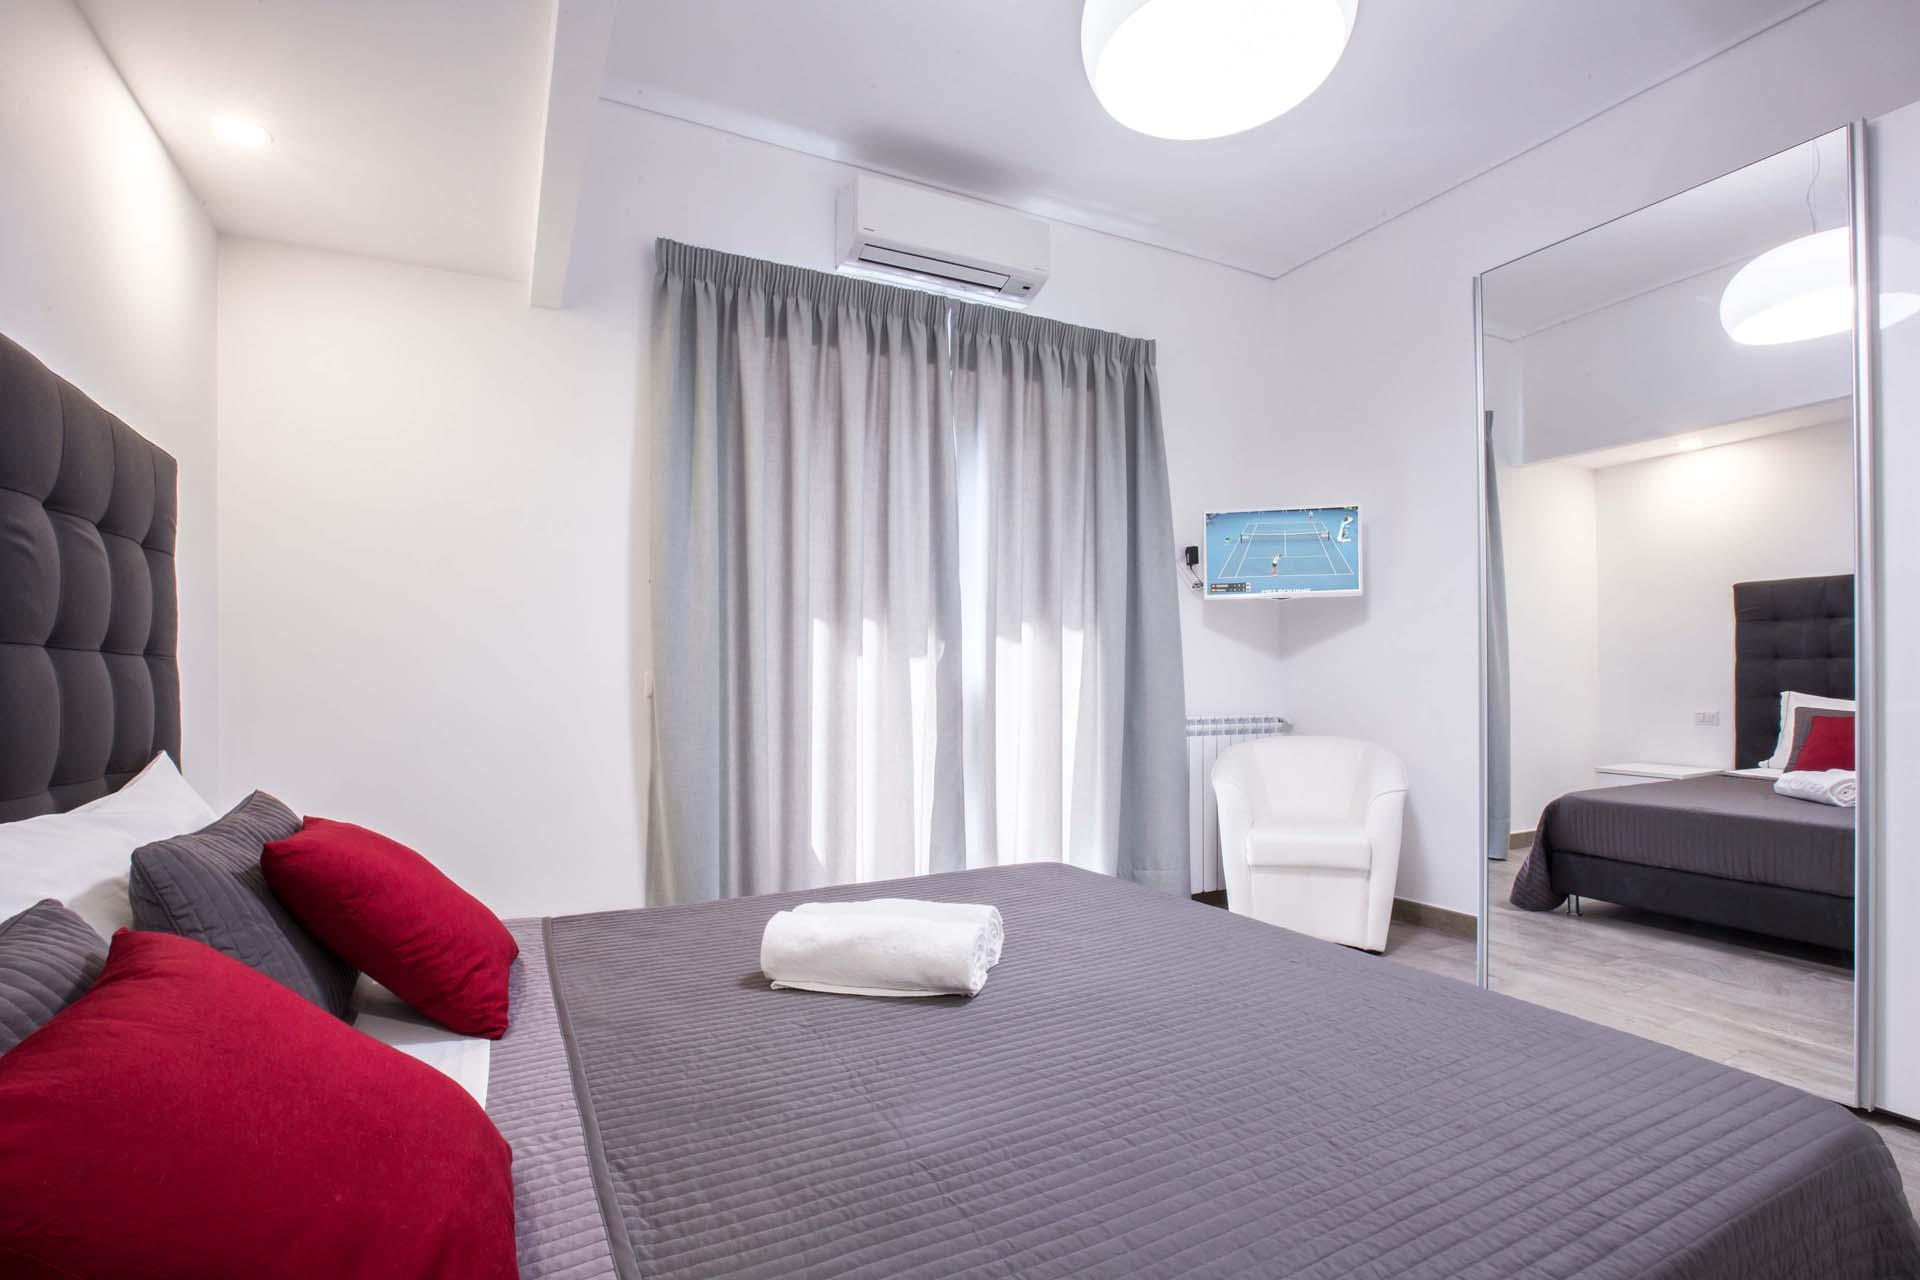 Conny's luxury maison bedroom